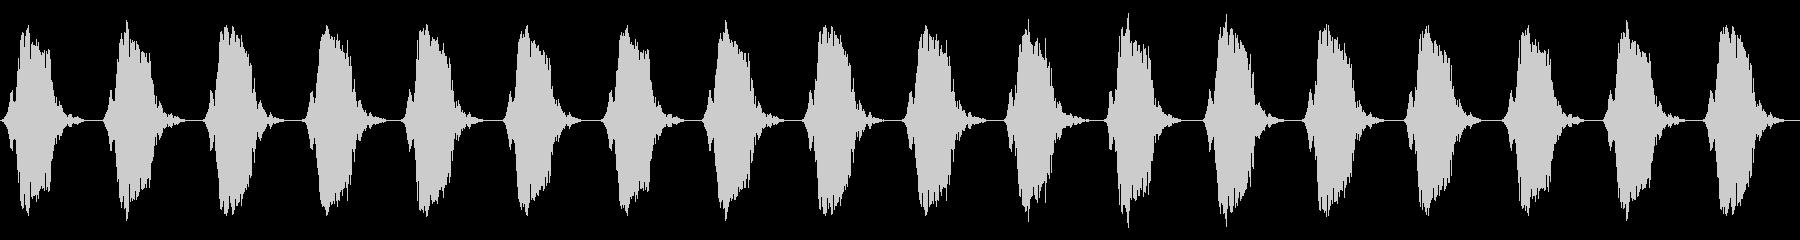 携帯電話 バイブレーション02-12(机の未再生の波形